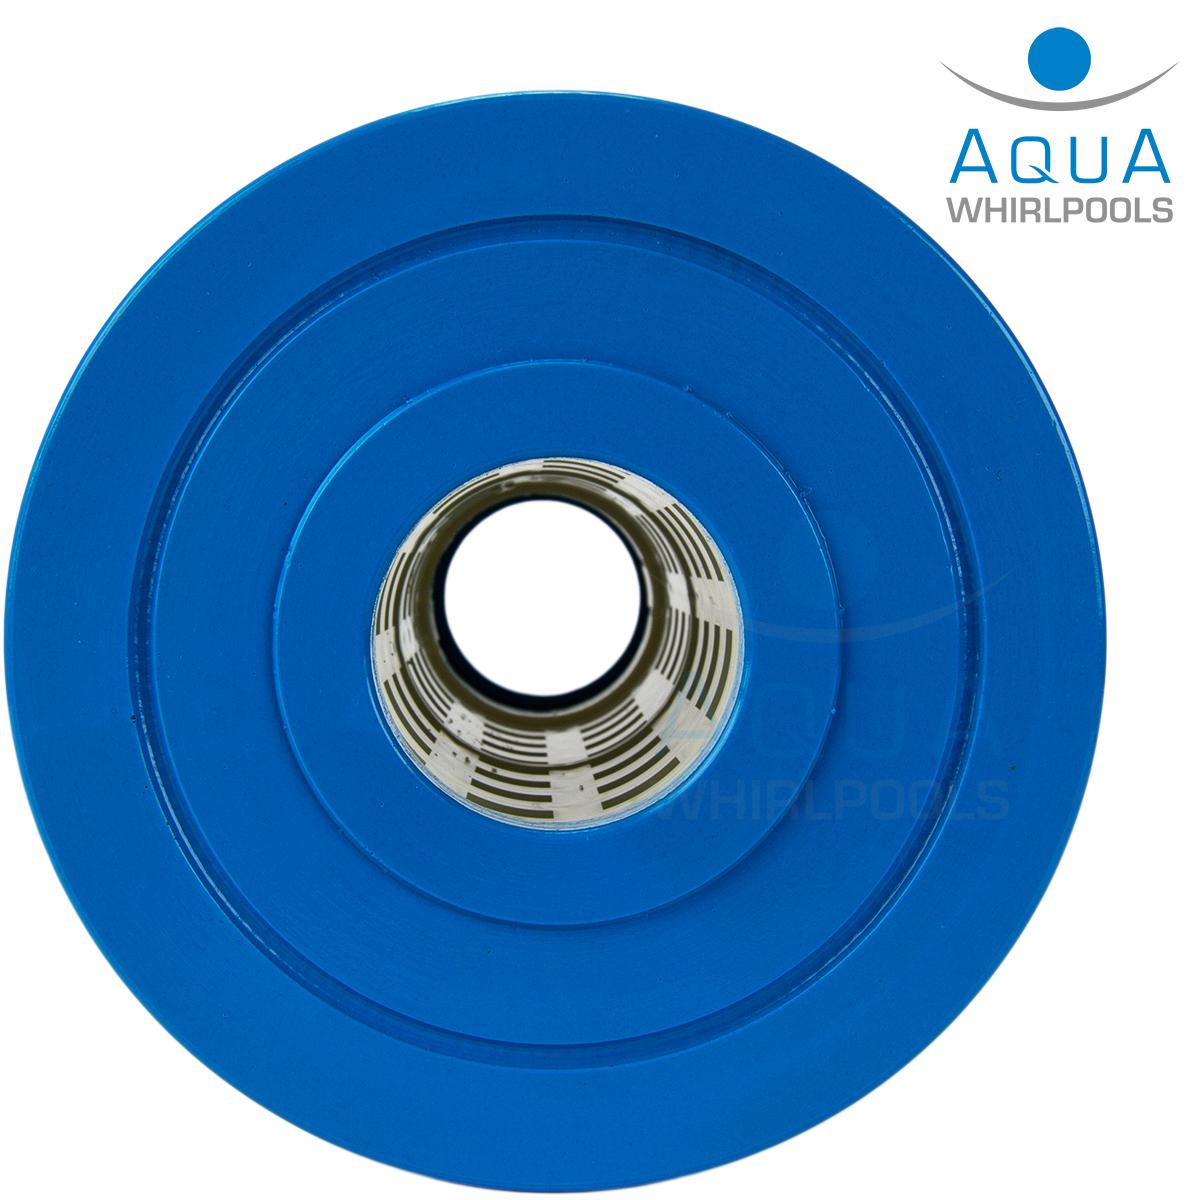 Hot Spring Spas Filter Pleatco Pwk30 Unicel C 6430 Aqua Whirlpools